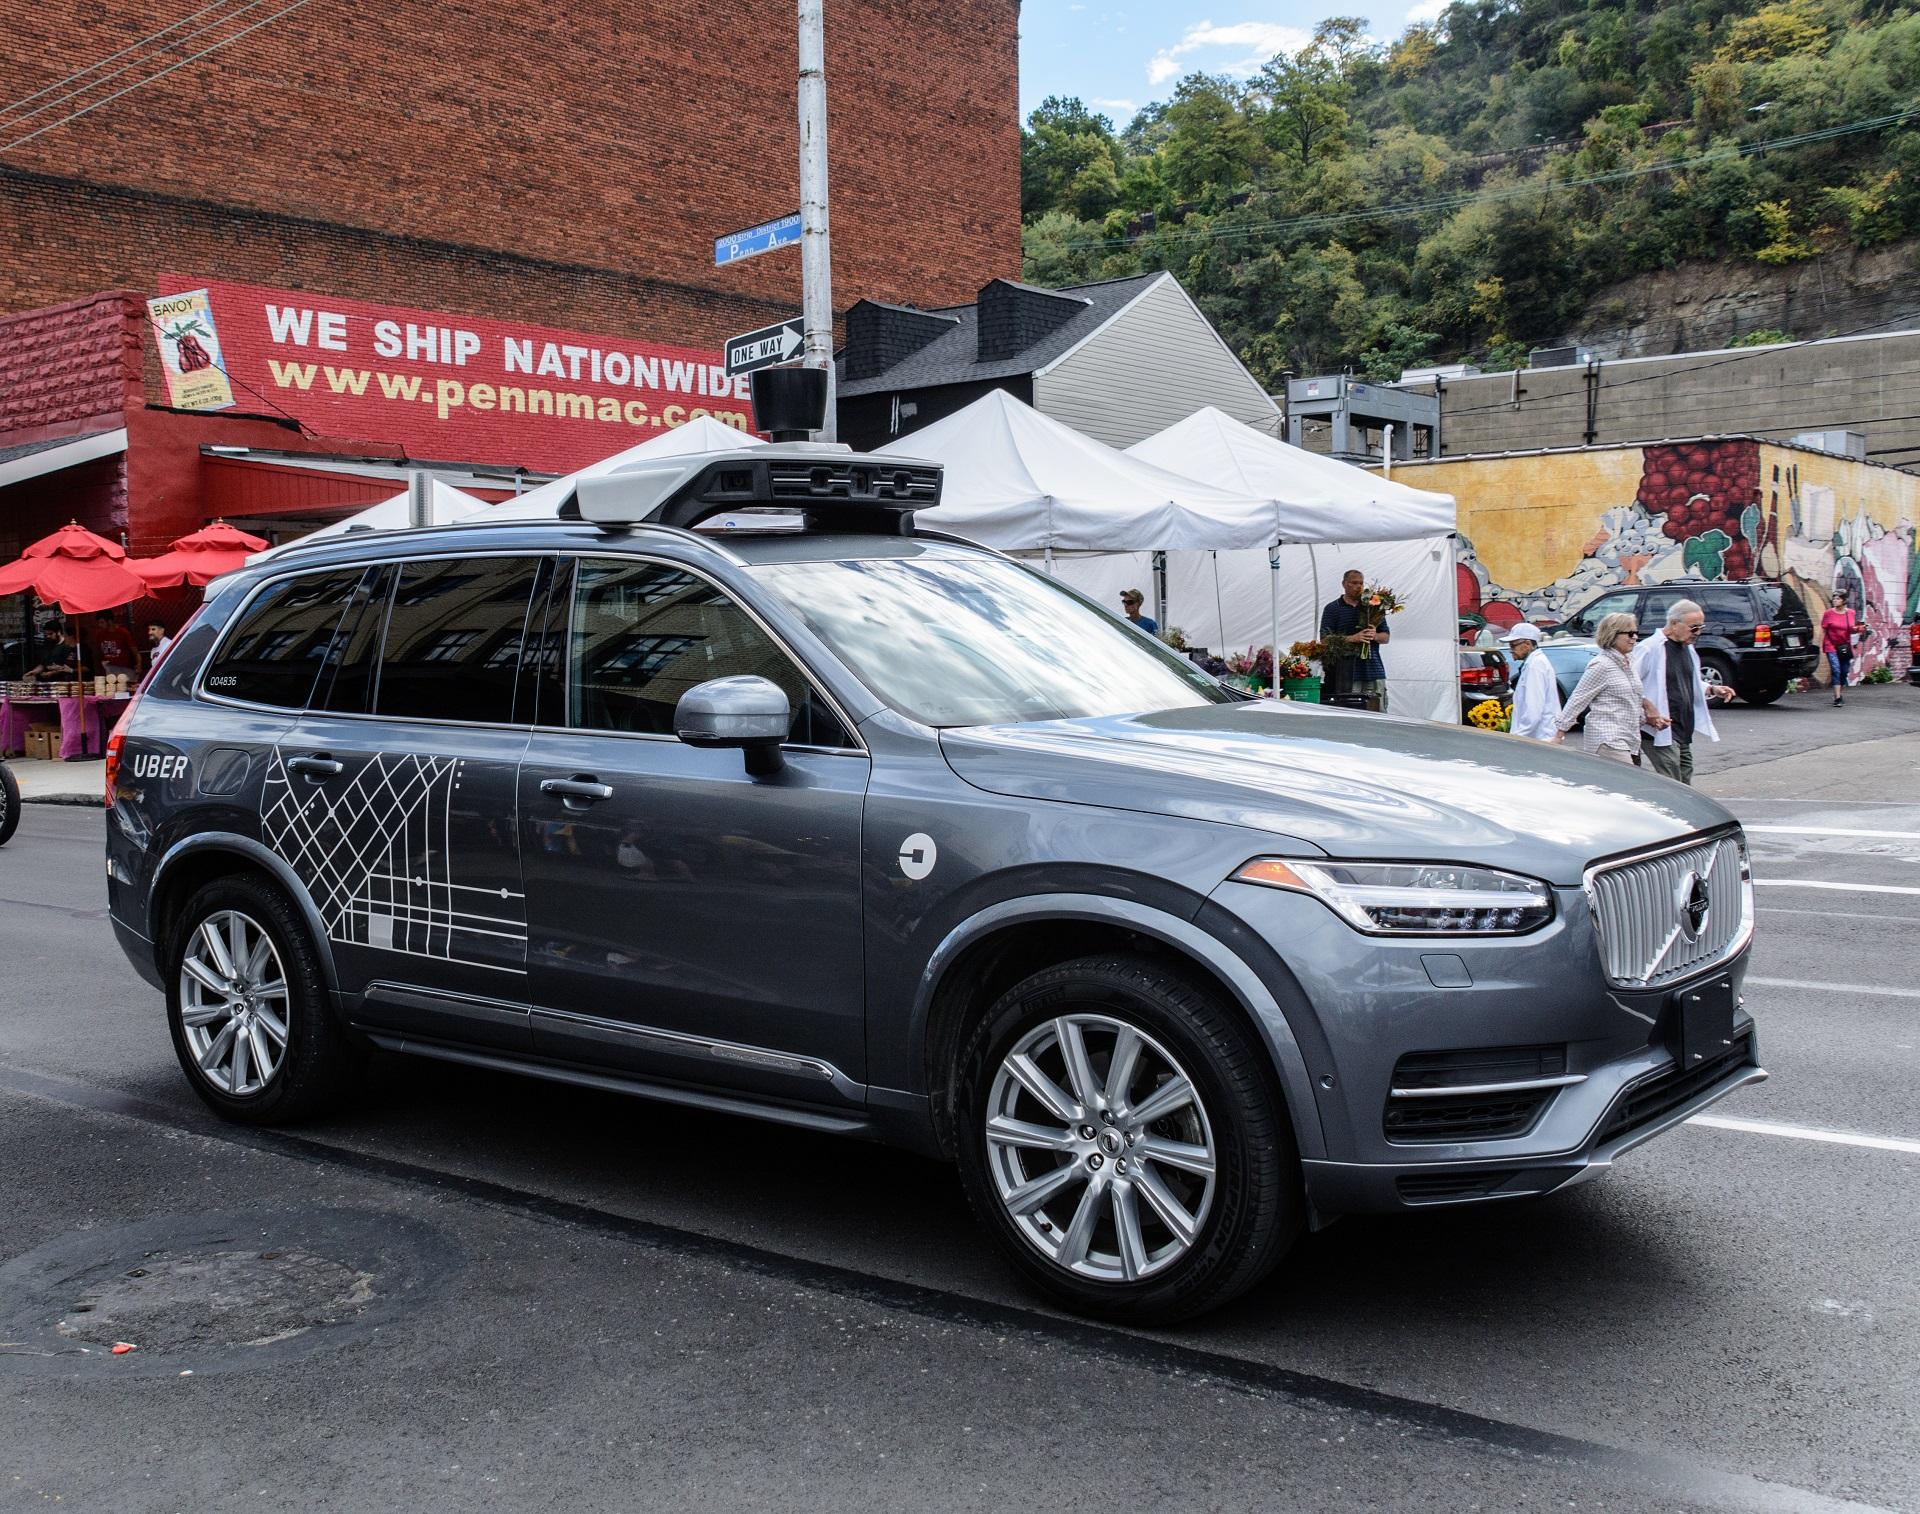 stck-autonomous-cars-uber